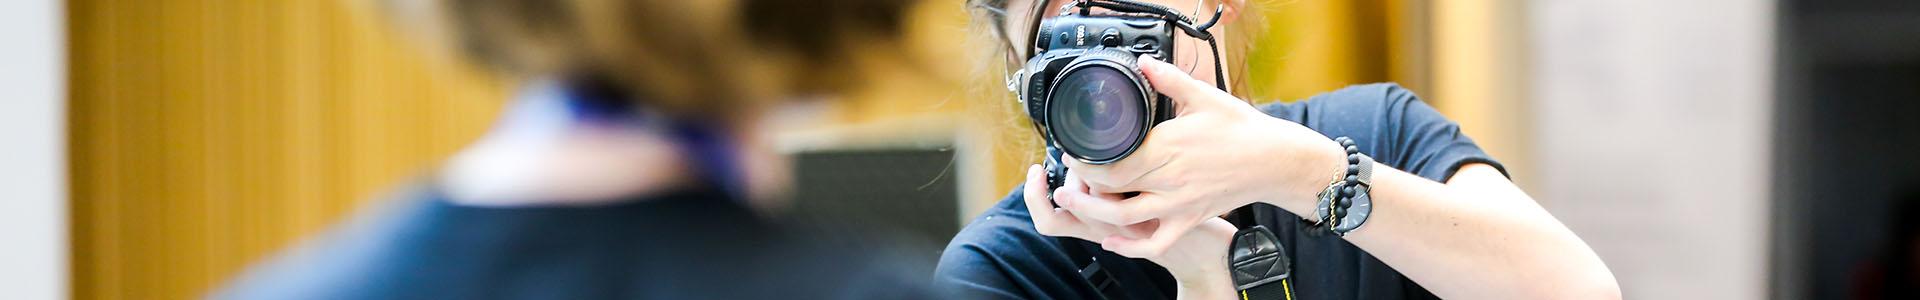 Rejoignez Notre Formation Reporter Photographe - Ecole Journalisme EFJ